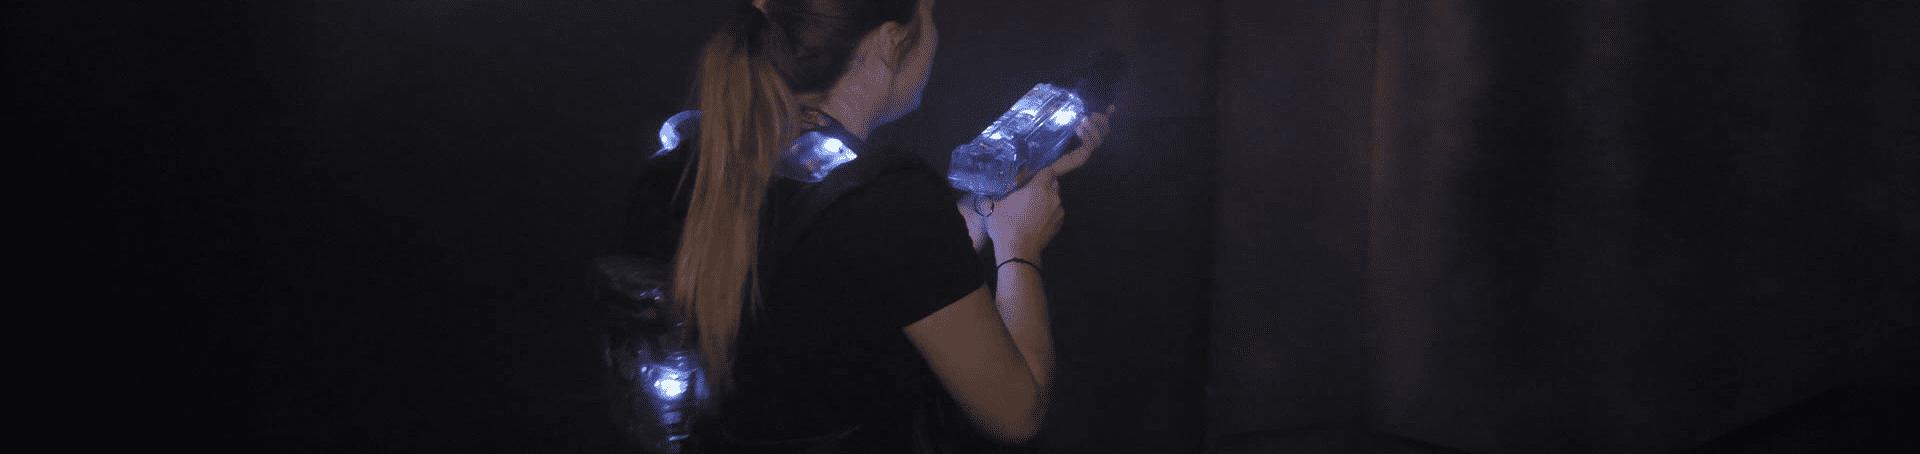 Mädchen beim Lasertag spielen